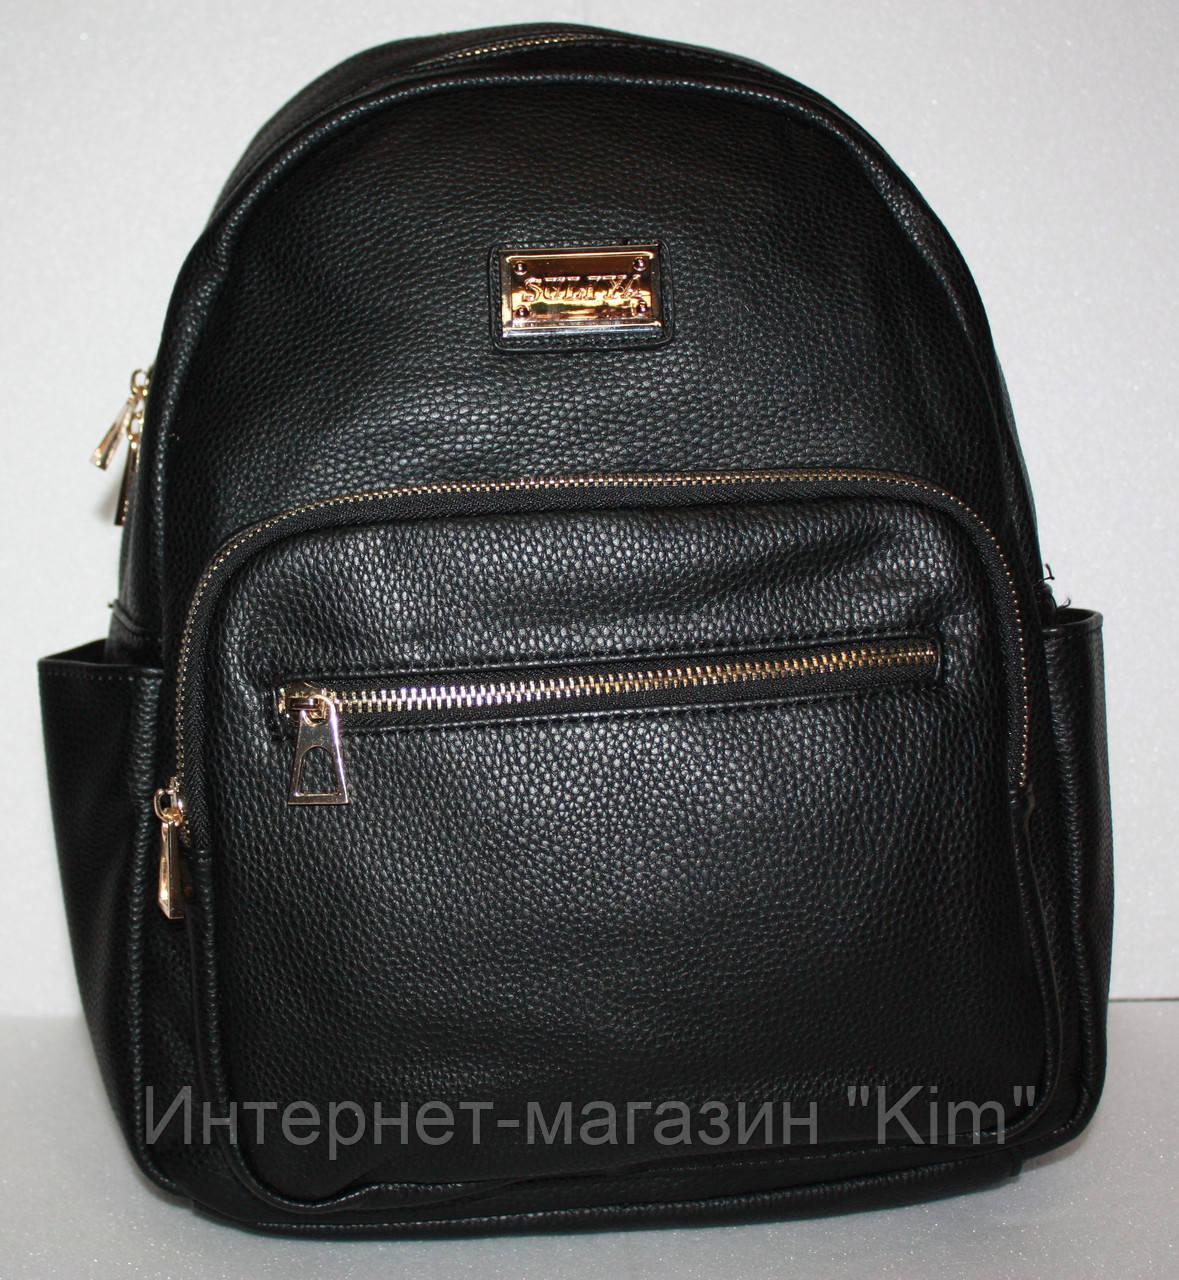 c0b62845ff7e Школьный рюкзак женский экокожа черный - Интернет-магазин